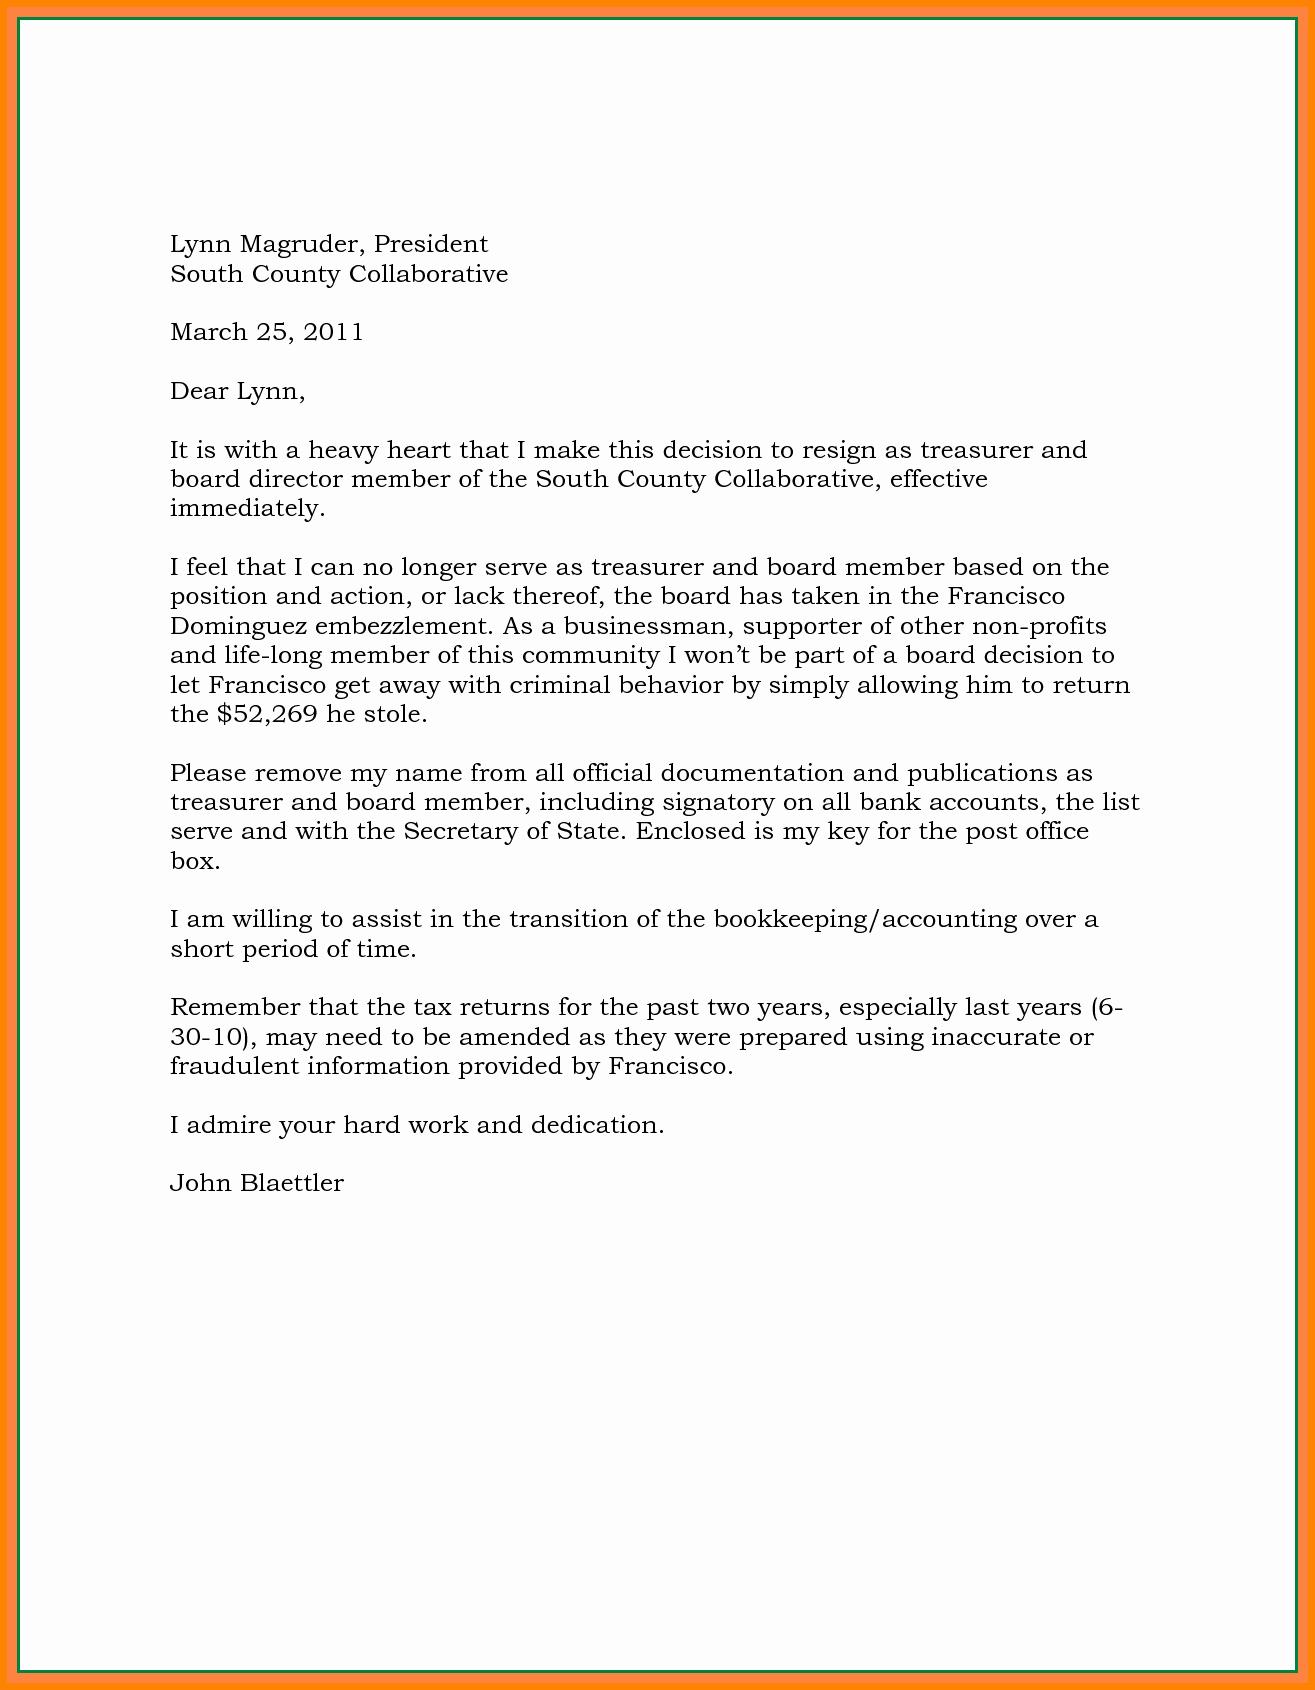 Resignation Letter Effective Immediately Unique 7 Effective Immediately Letter